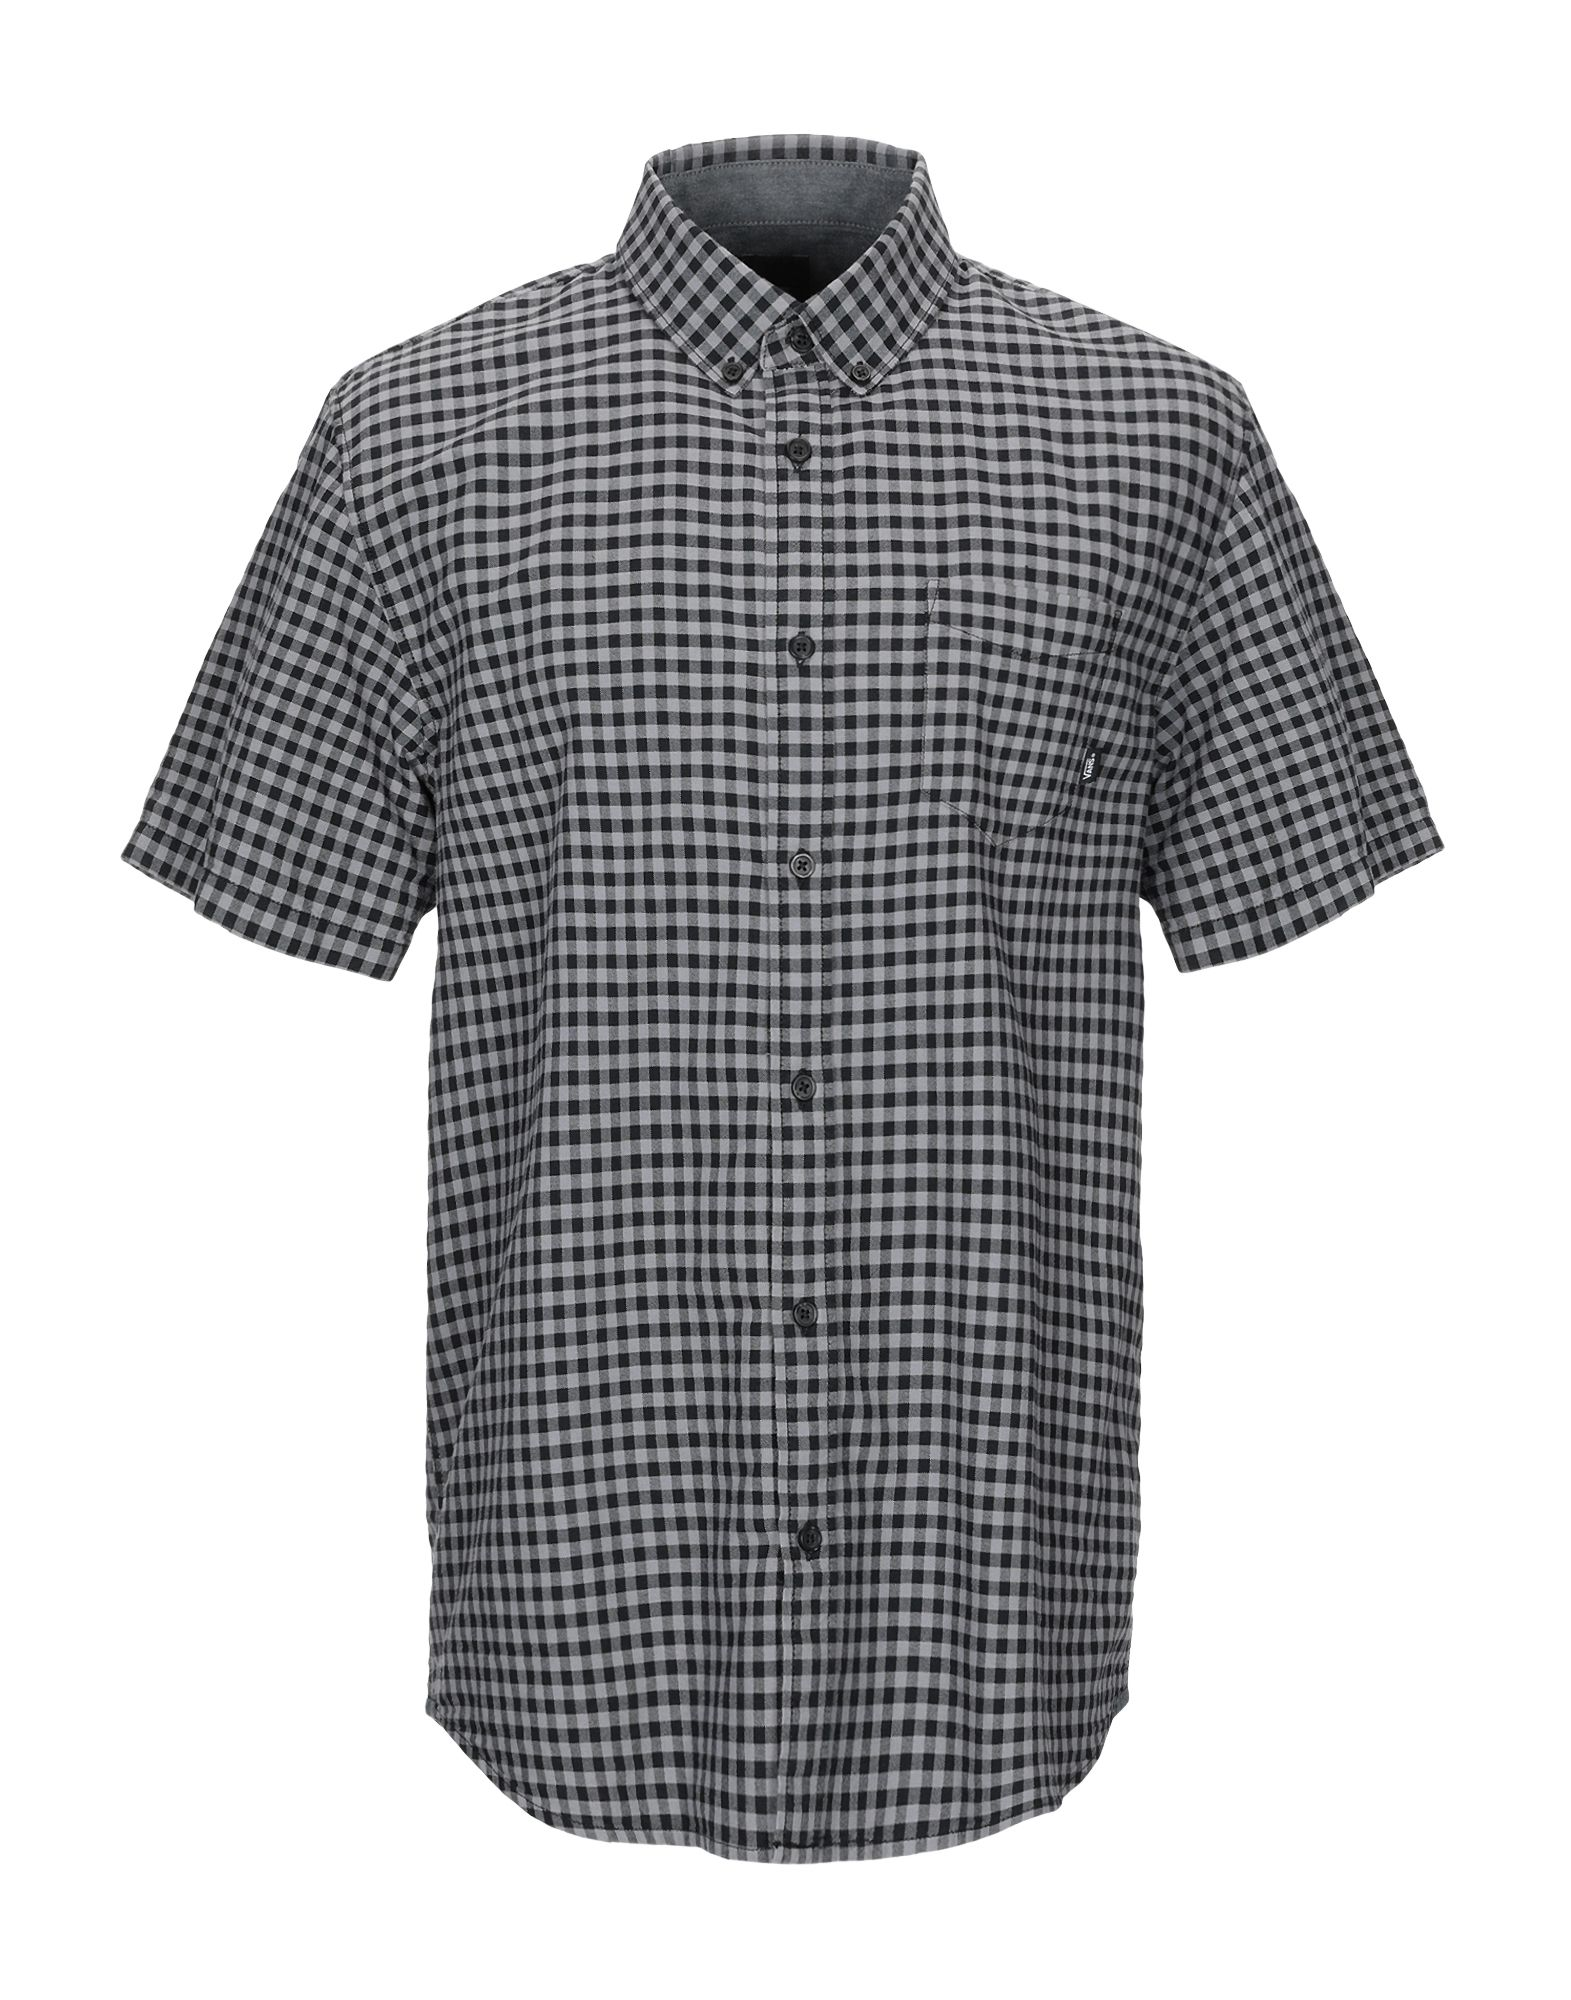 《送料無料》VANS メンズ シャツ グレー L コットン 100%